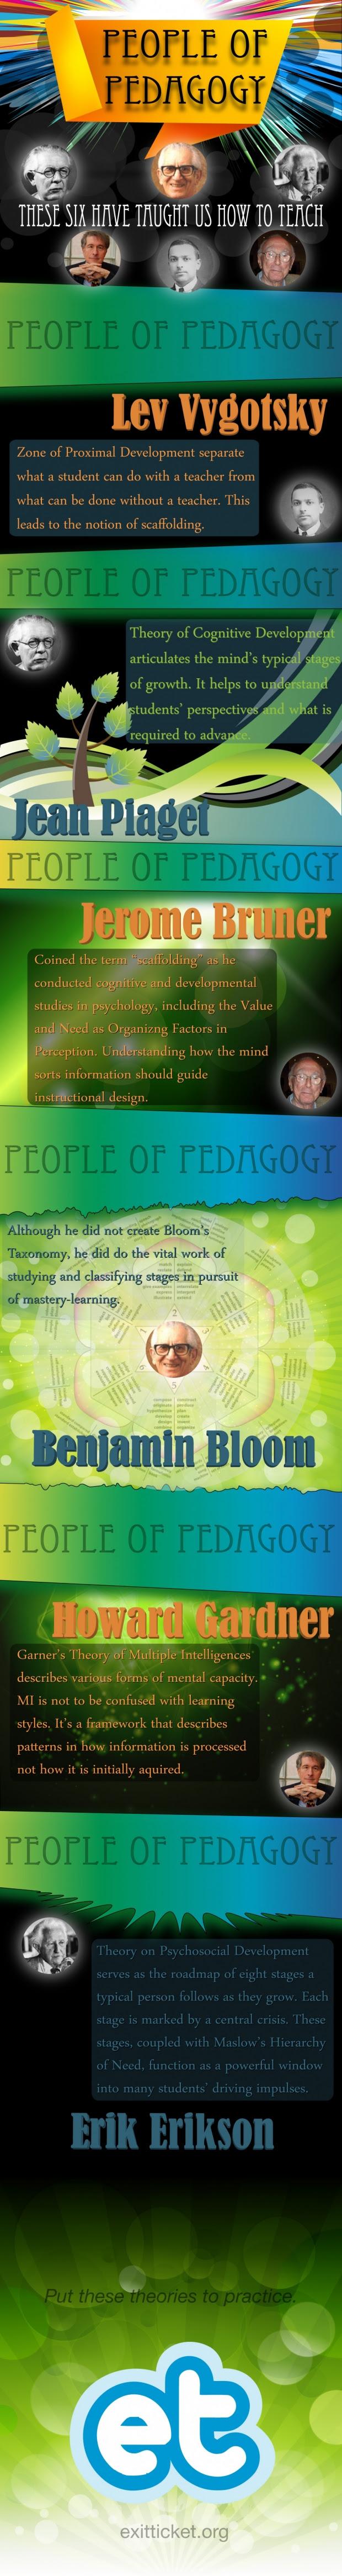 people of pedagogy